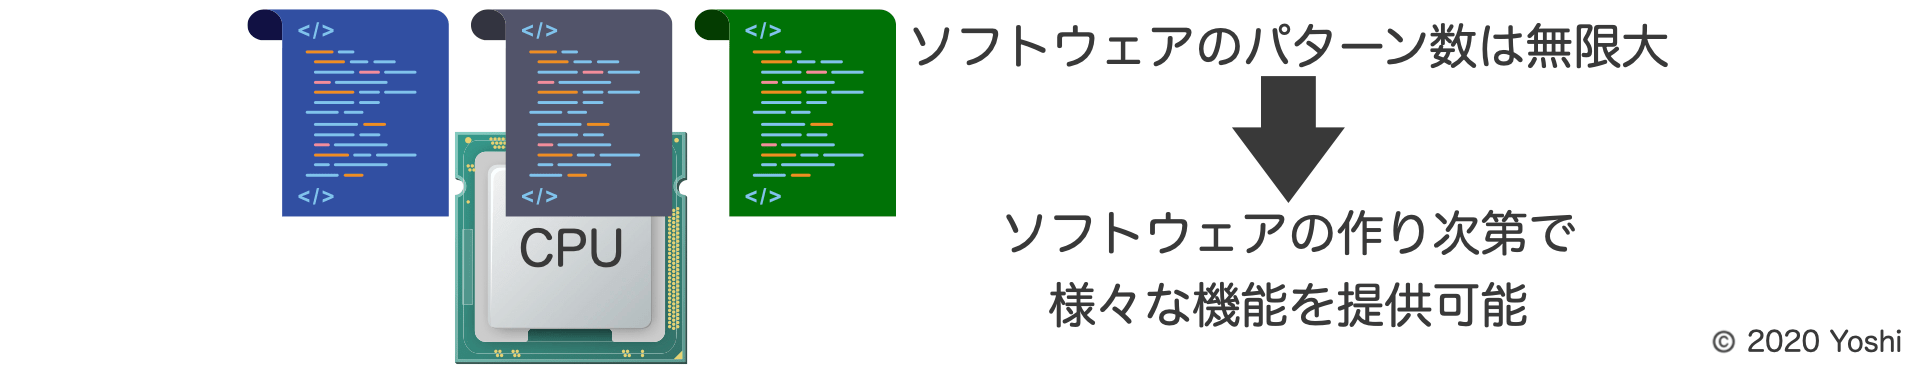 ソフトウェアのパターン数は無限大